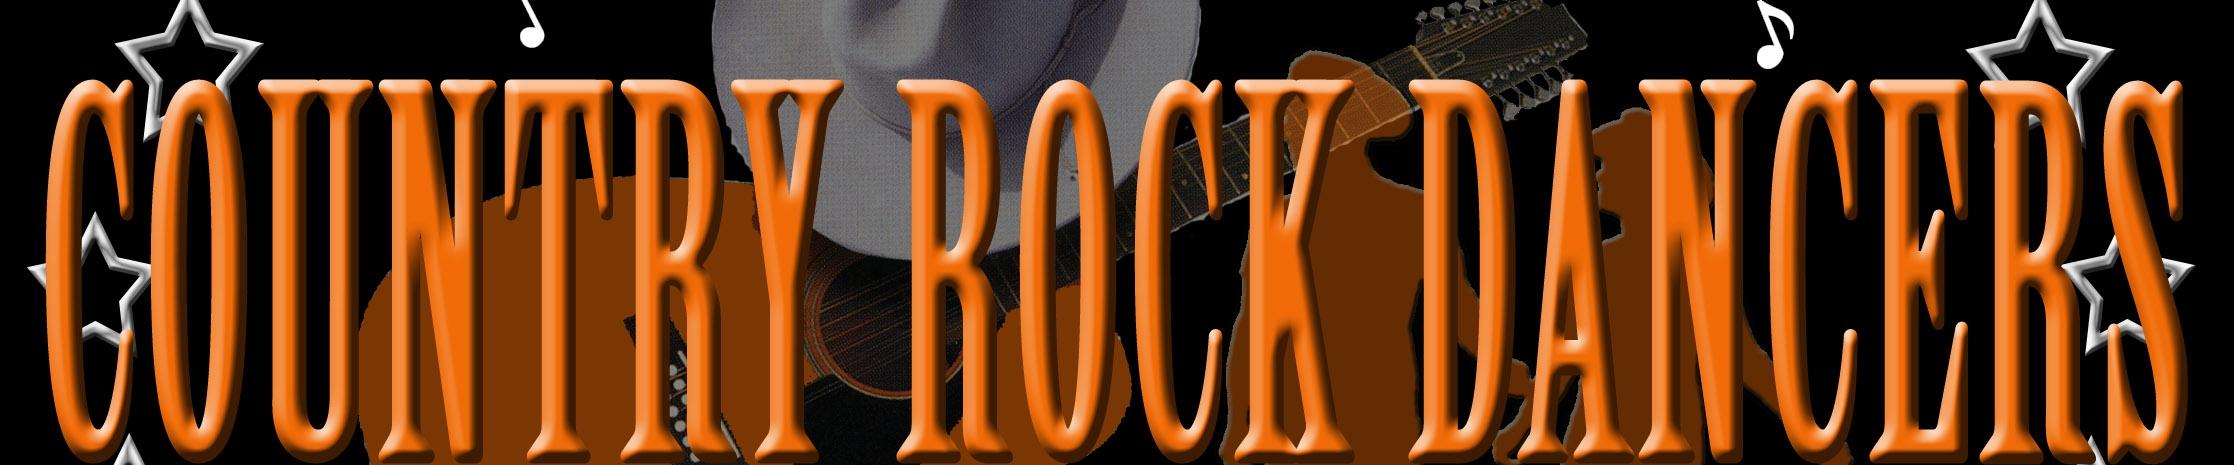 country-rock-dancers.blog4ever.com